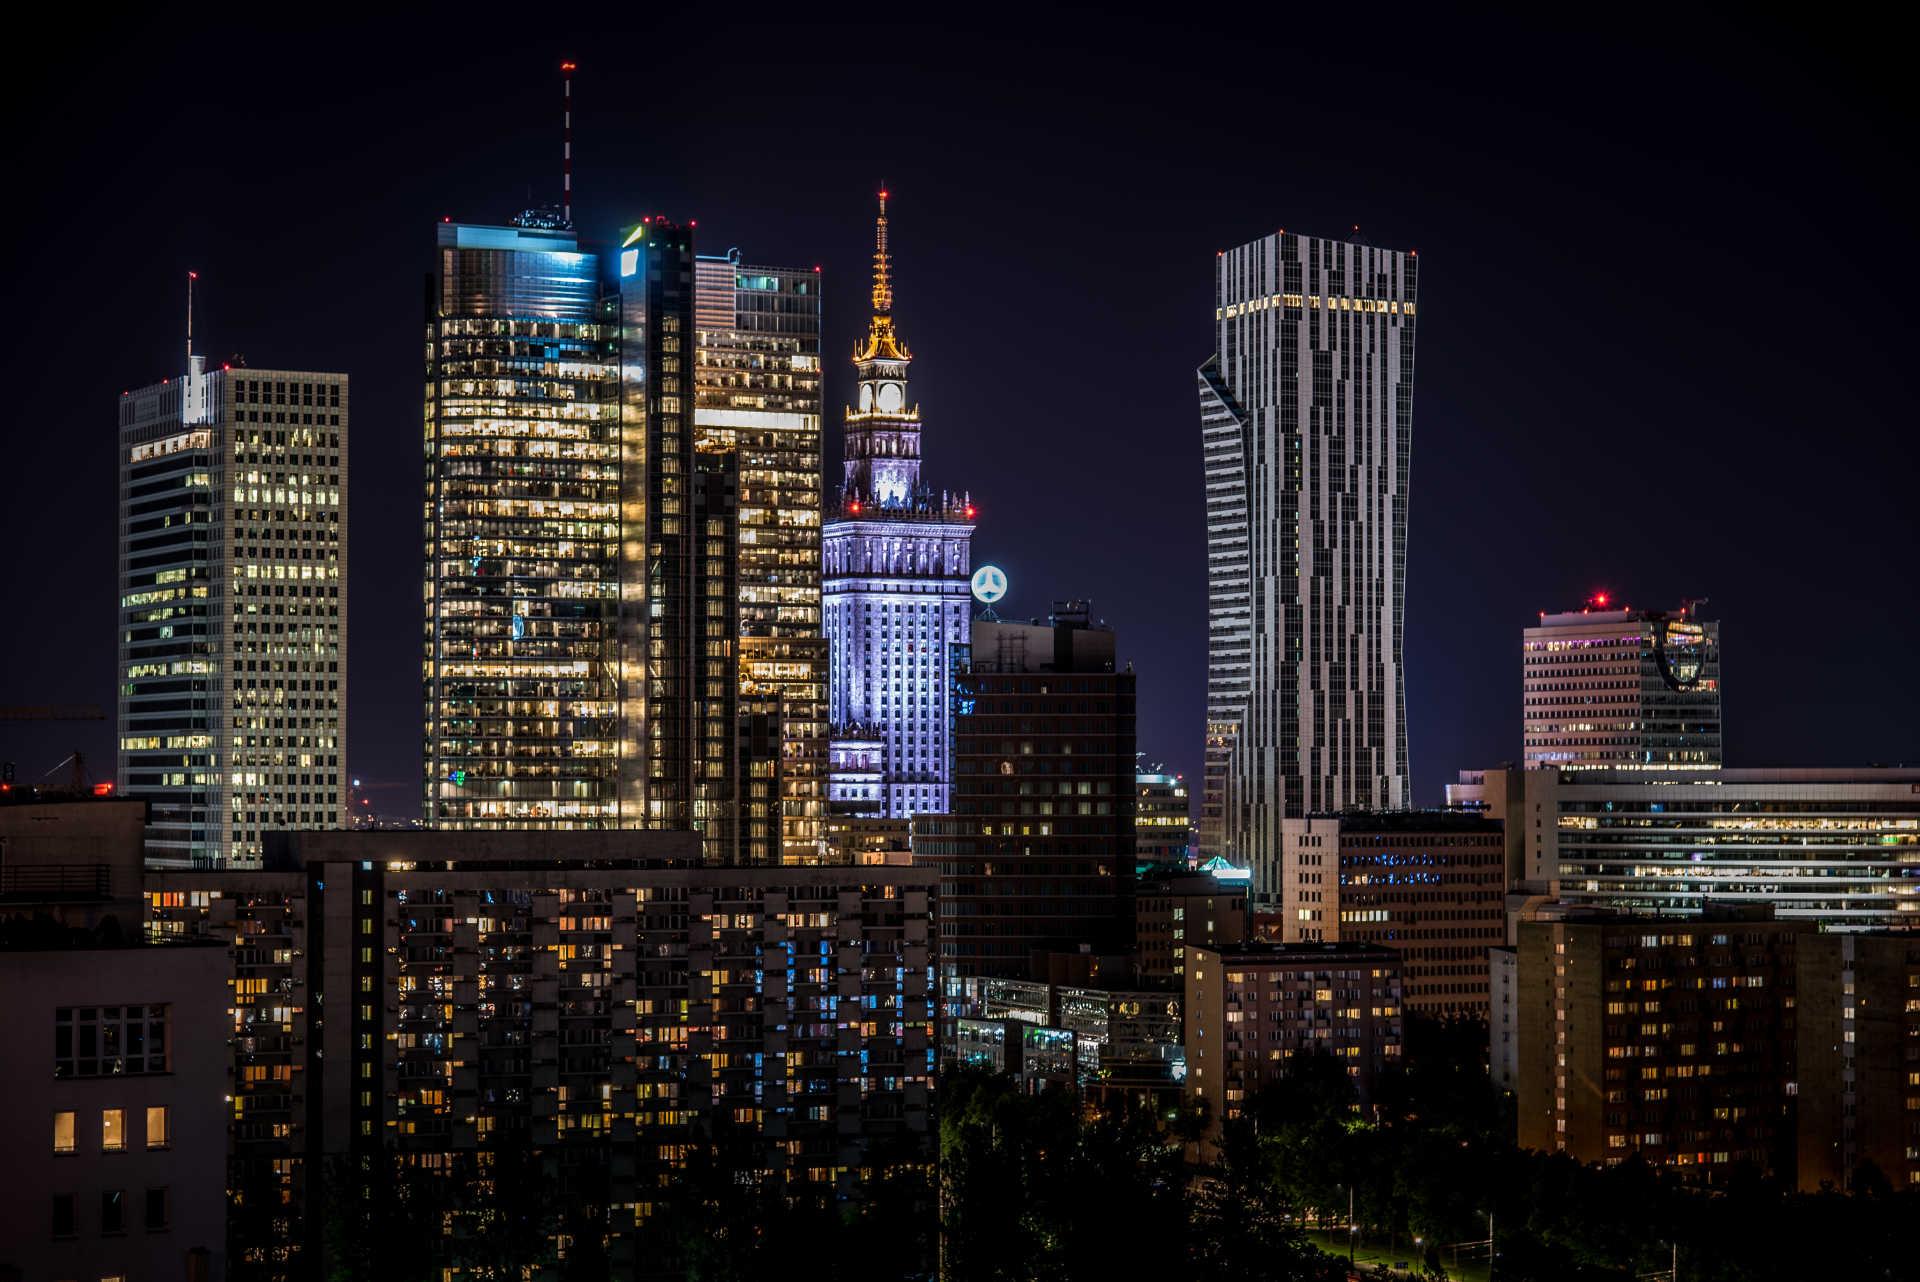 Zu sehen ist die Skyline Warschau bei Nacht, Bild: Kamil Porembiński from Łódź Poland